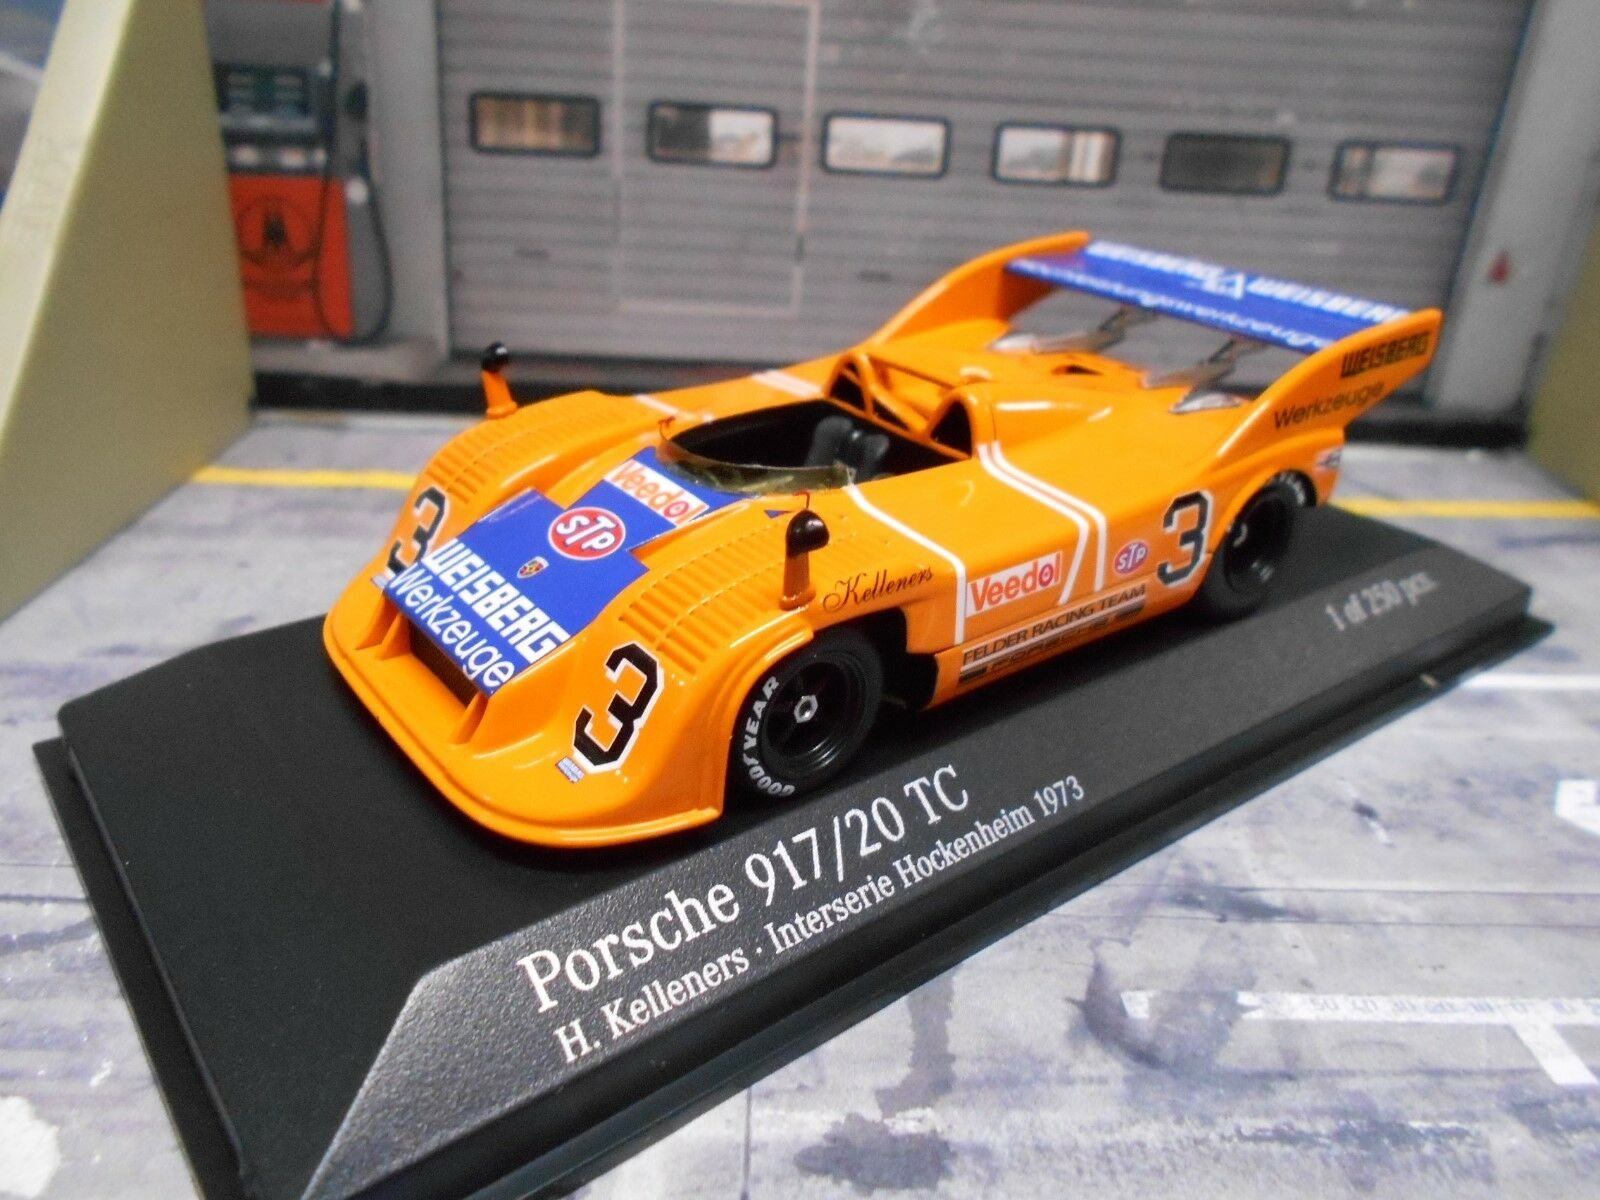 PORSCHE 917 20 917 20 INTERSERIE 1973 Kelleners Weisberg champs MINICHAMPS 1 43